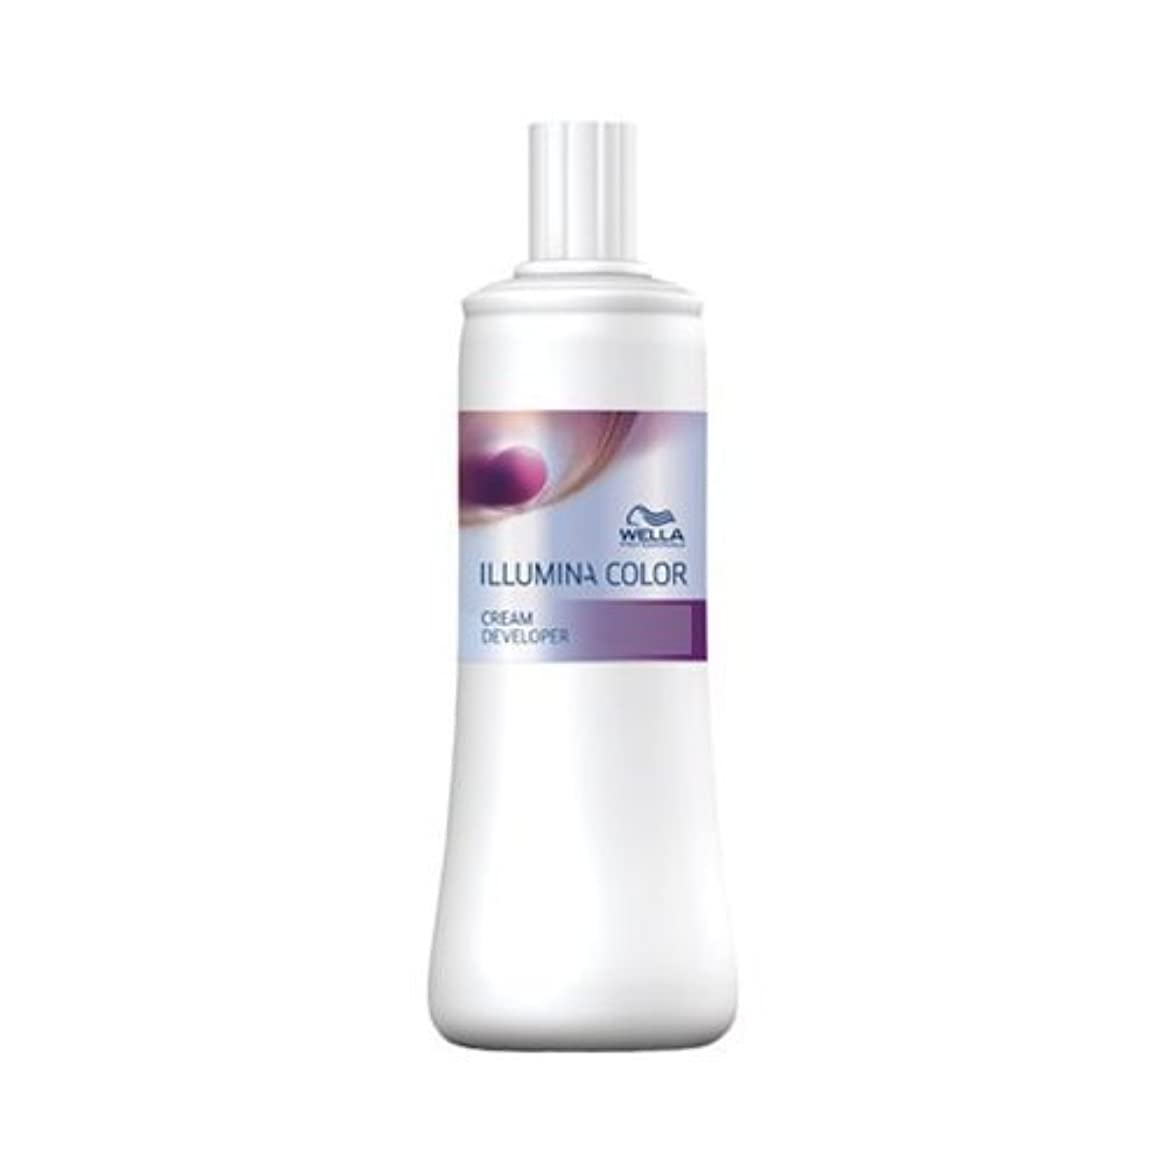 プレゼンテーションパフ連合ウエラ イルミナカラー クリーム ディベロッパー 3% 1000ml(2剤)